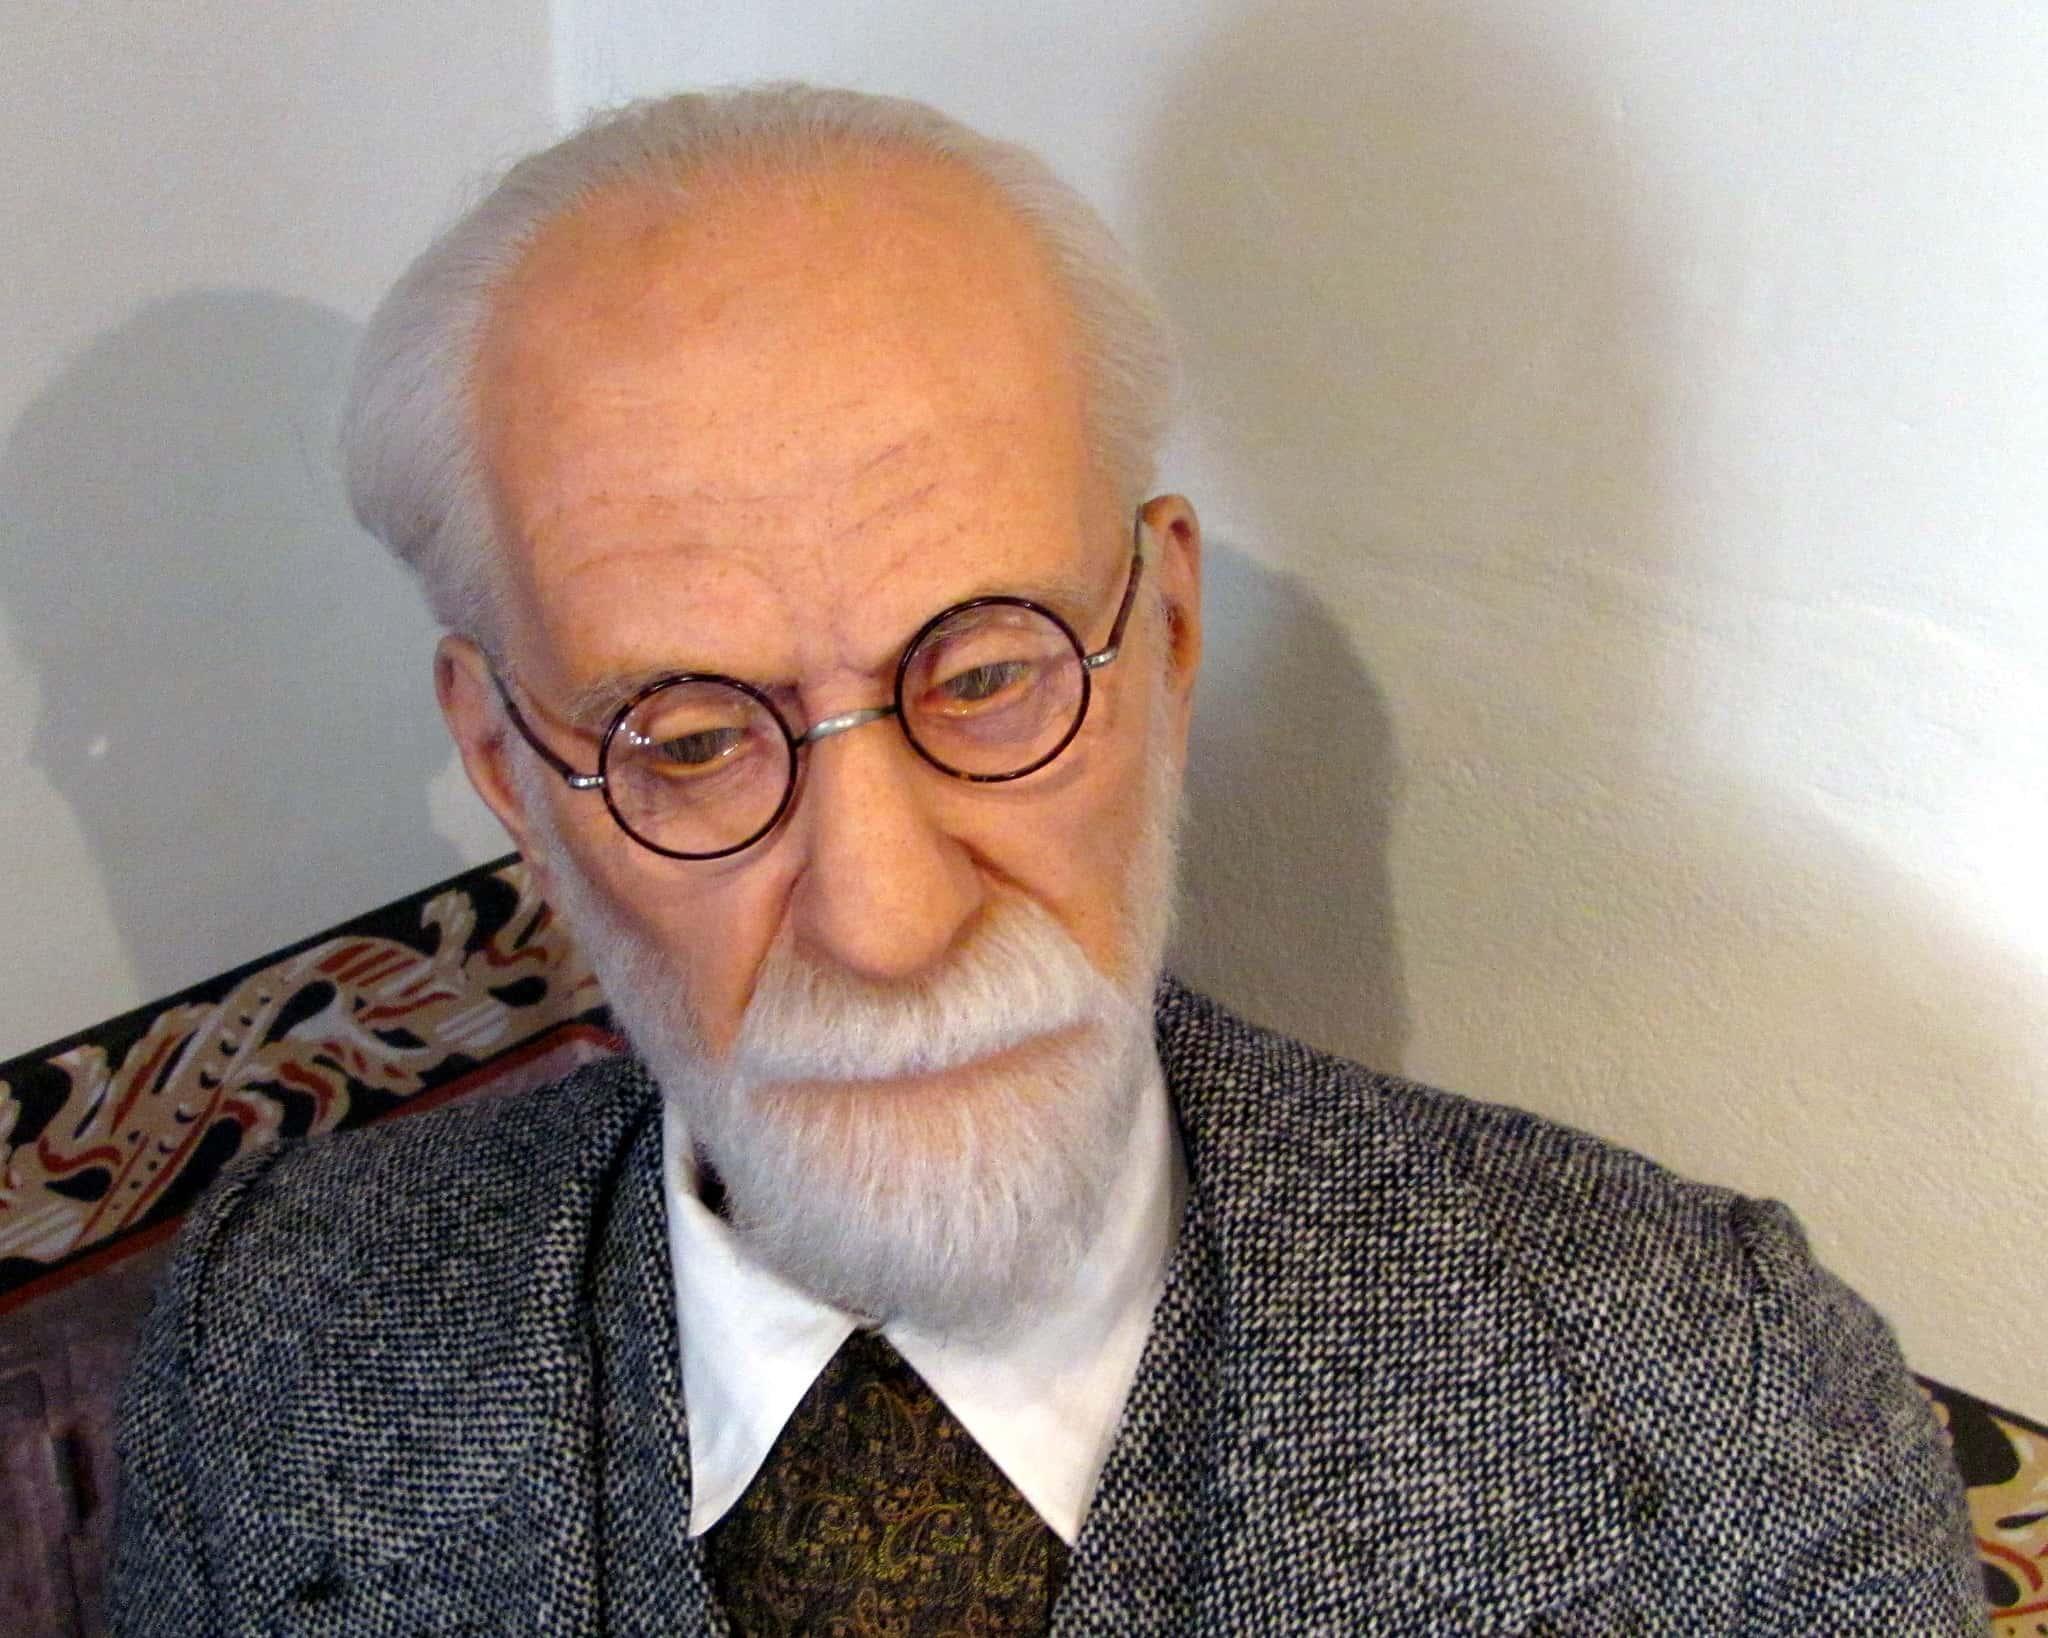 Sigmund Freud facts